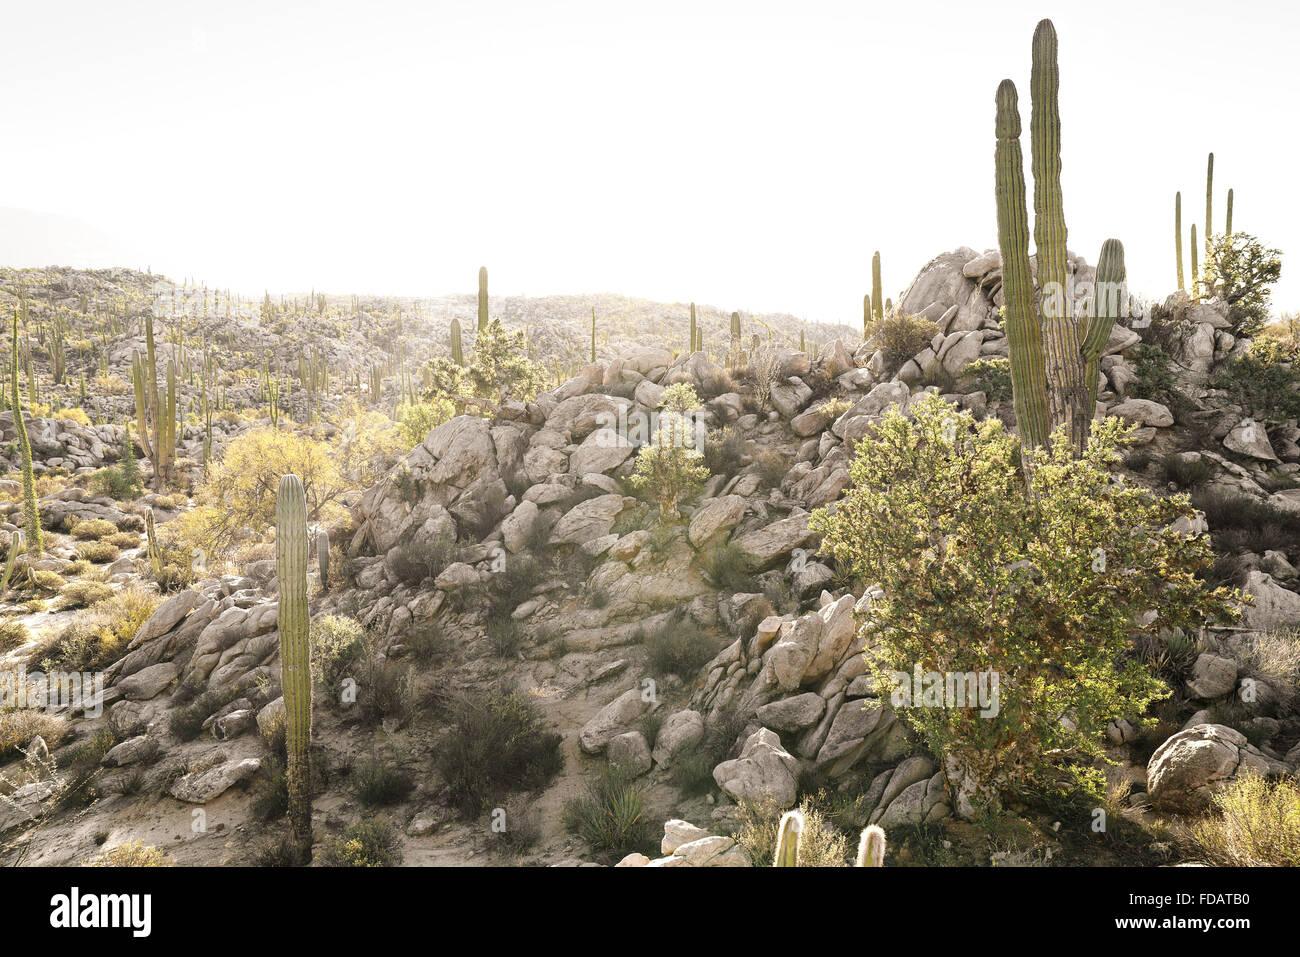 Desert scene in Baja California, Mexico - Stock Image